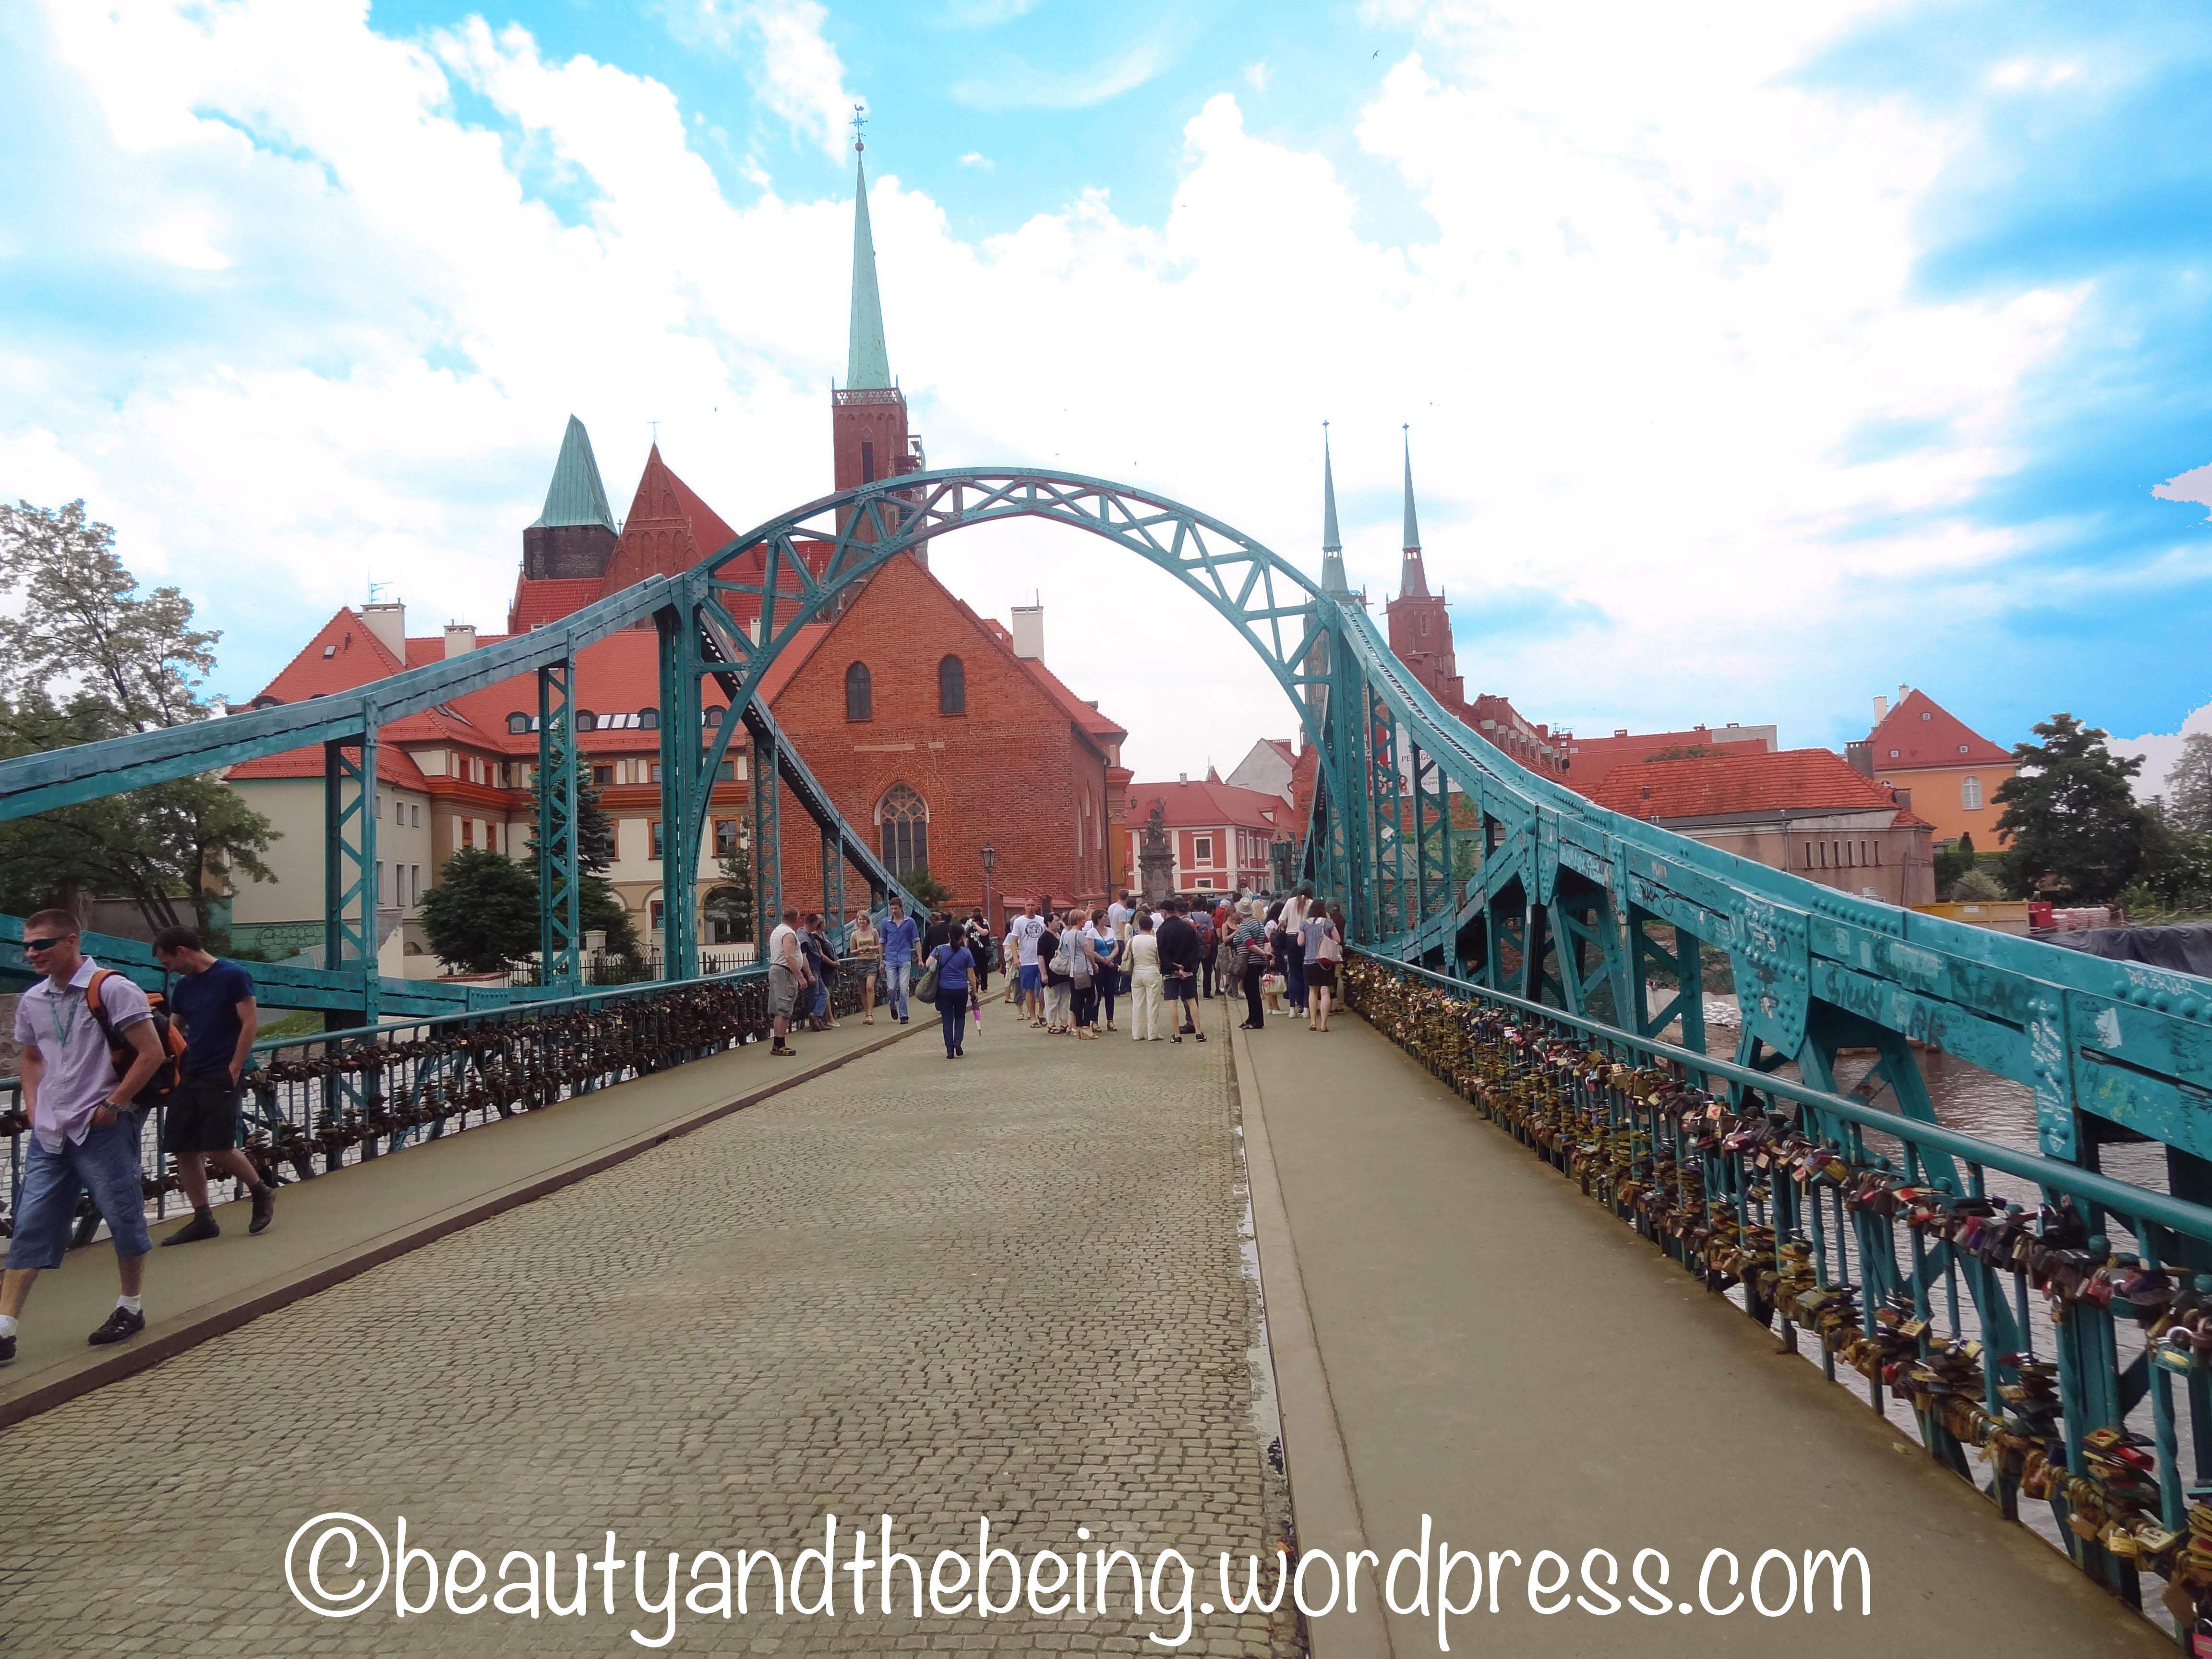 Tumski Bridge Wroclaw - beautyandthebeing.wordpress.com